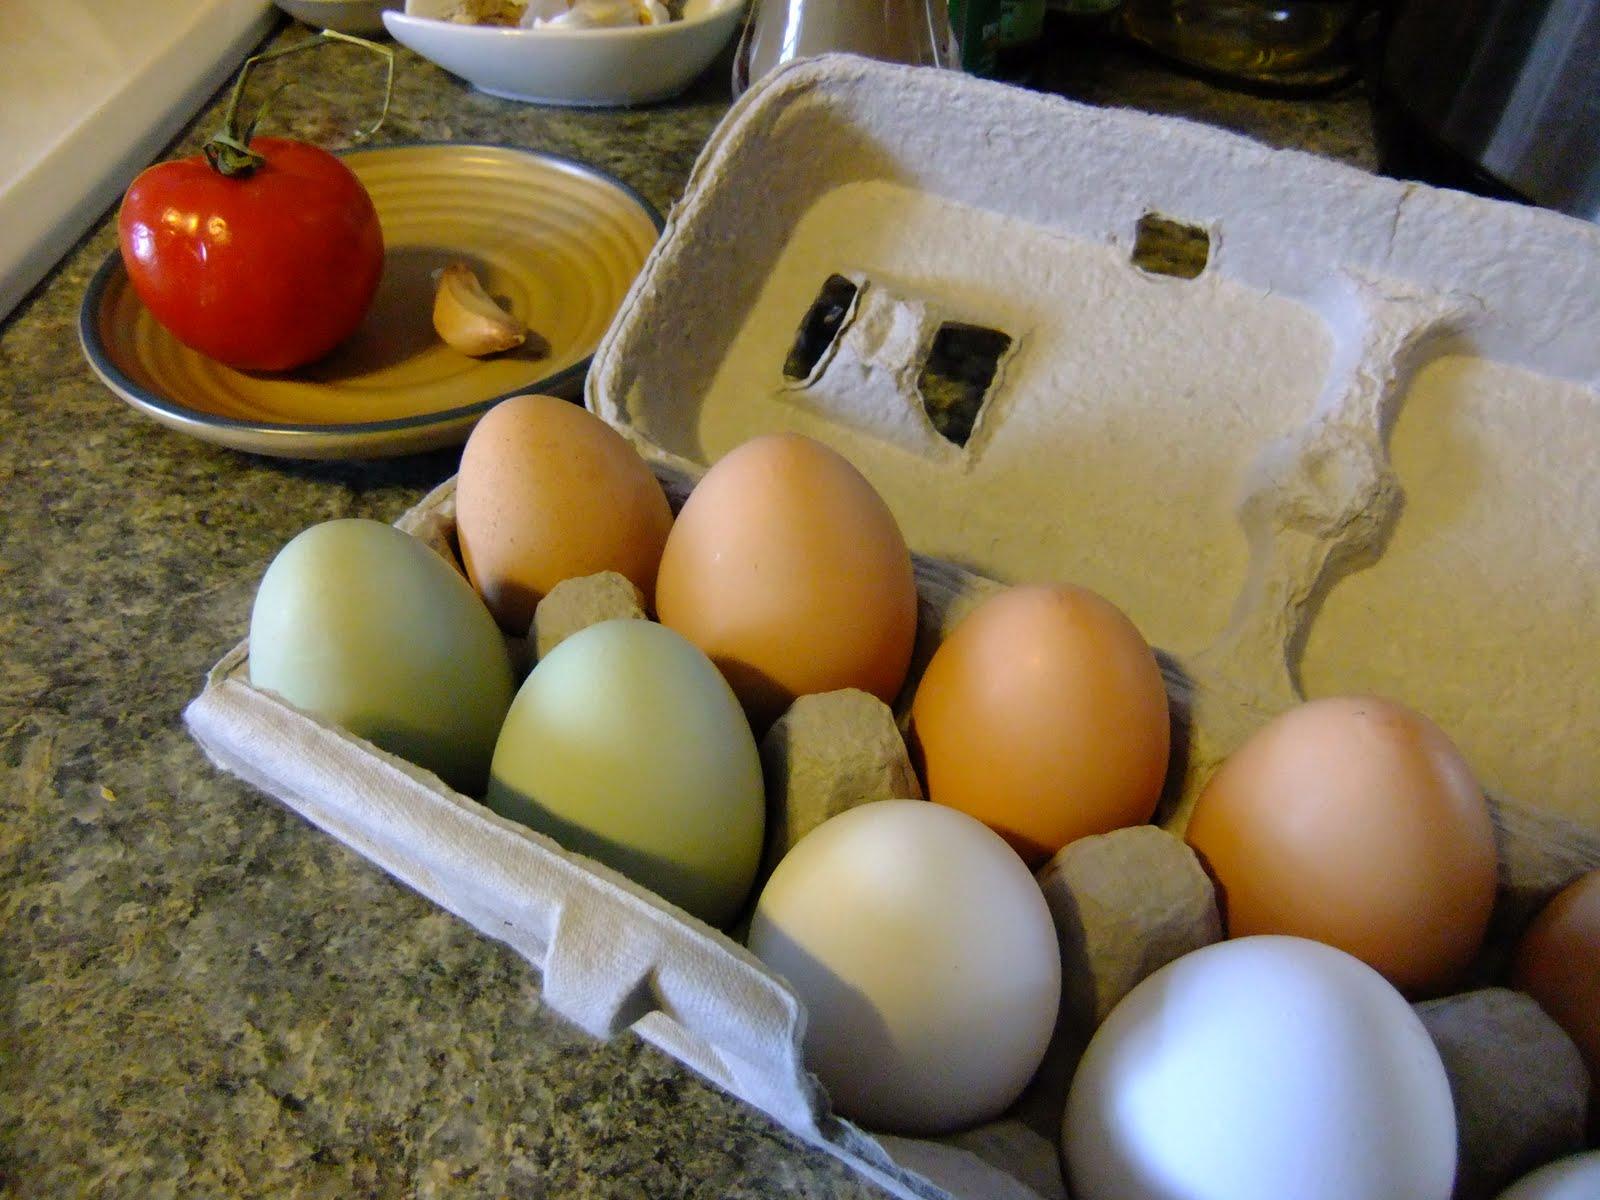 Josh Day's chicken eggs